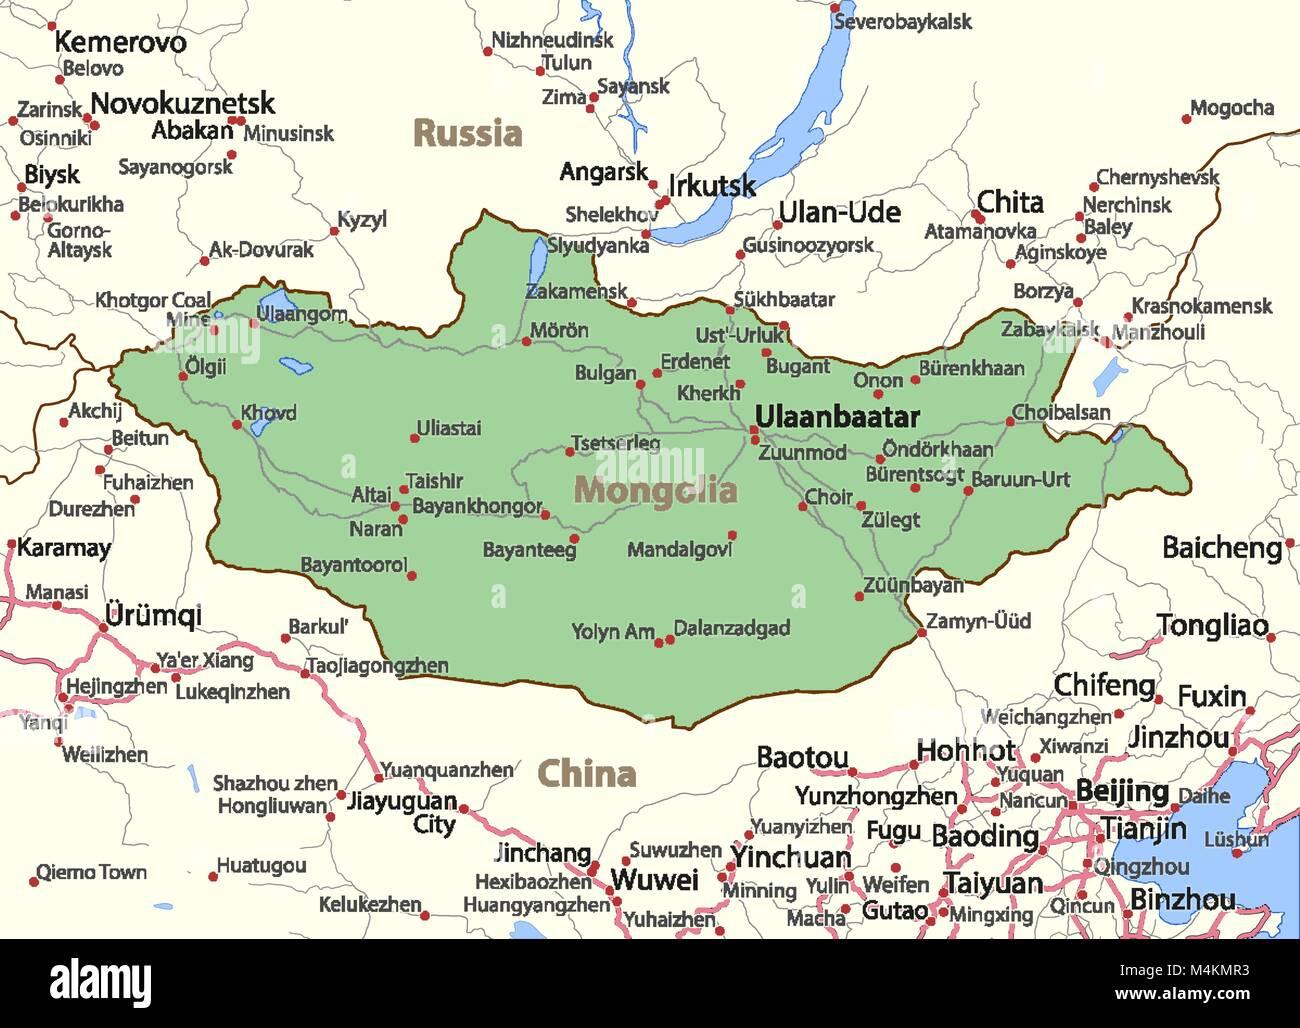 Cartina Geografica Della Mongolia.Mappa Della Mongolia Mostra I Confini Nomi Di Localita E Strade Le Etichette In Inglese Dove Possibile Proiezione Proiezione Di Mercatore Immagine E Vettoriale Alamy